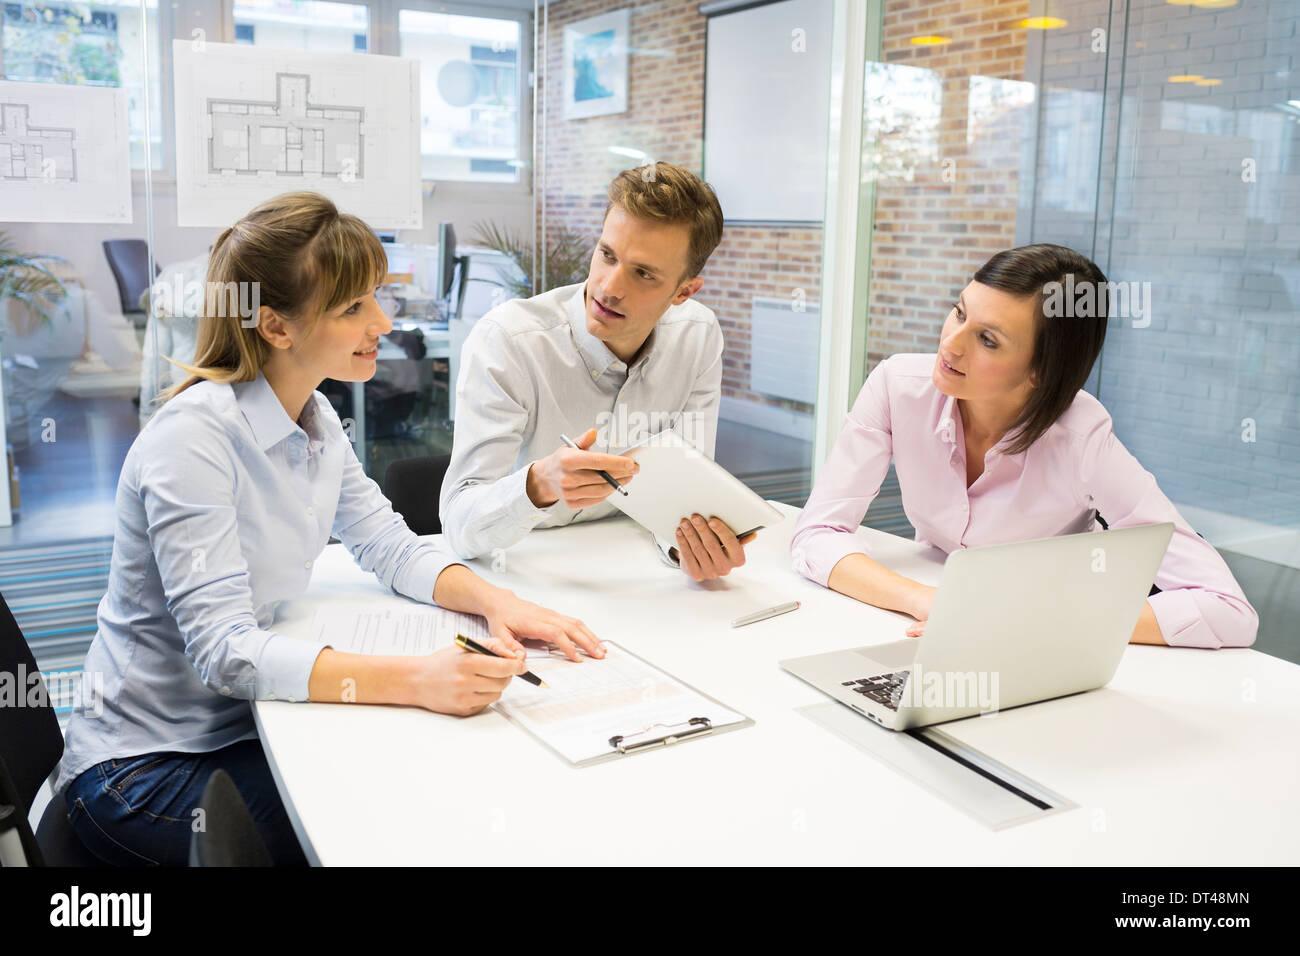 Imprenditrice imprenditore reunion scrivania portatile ai colleghi Immagini Stock